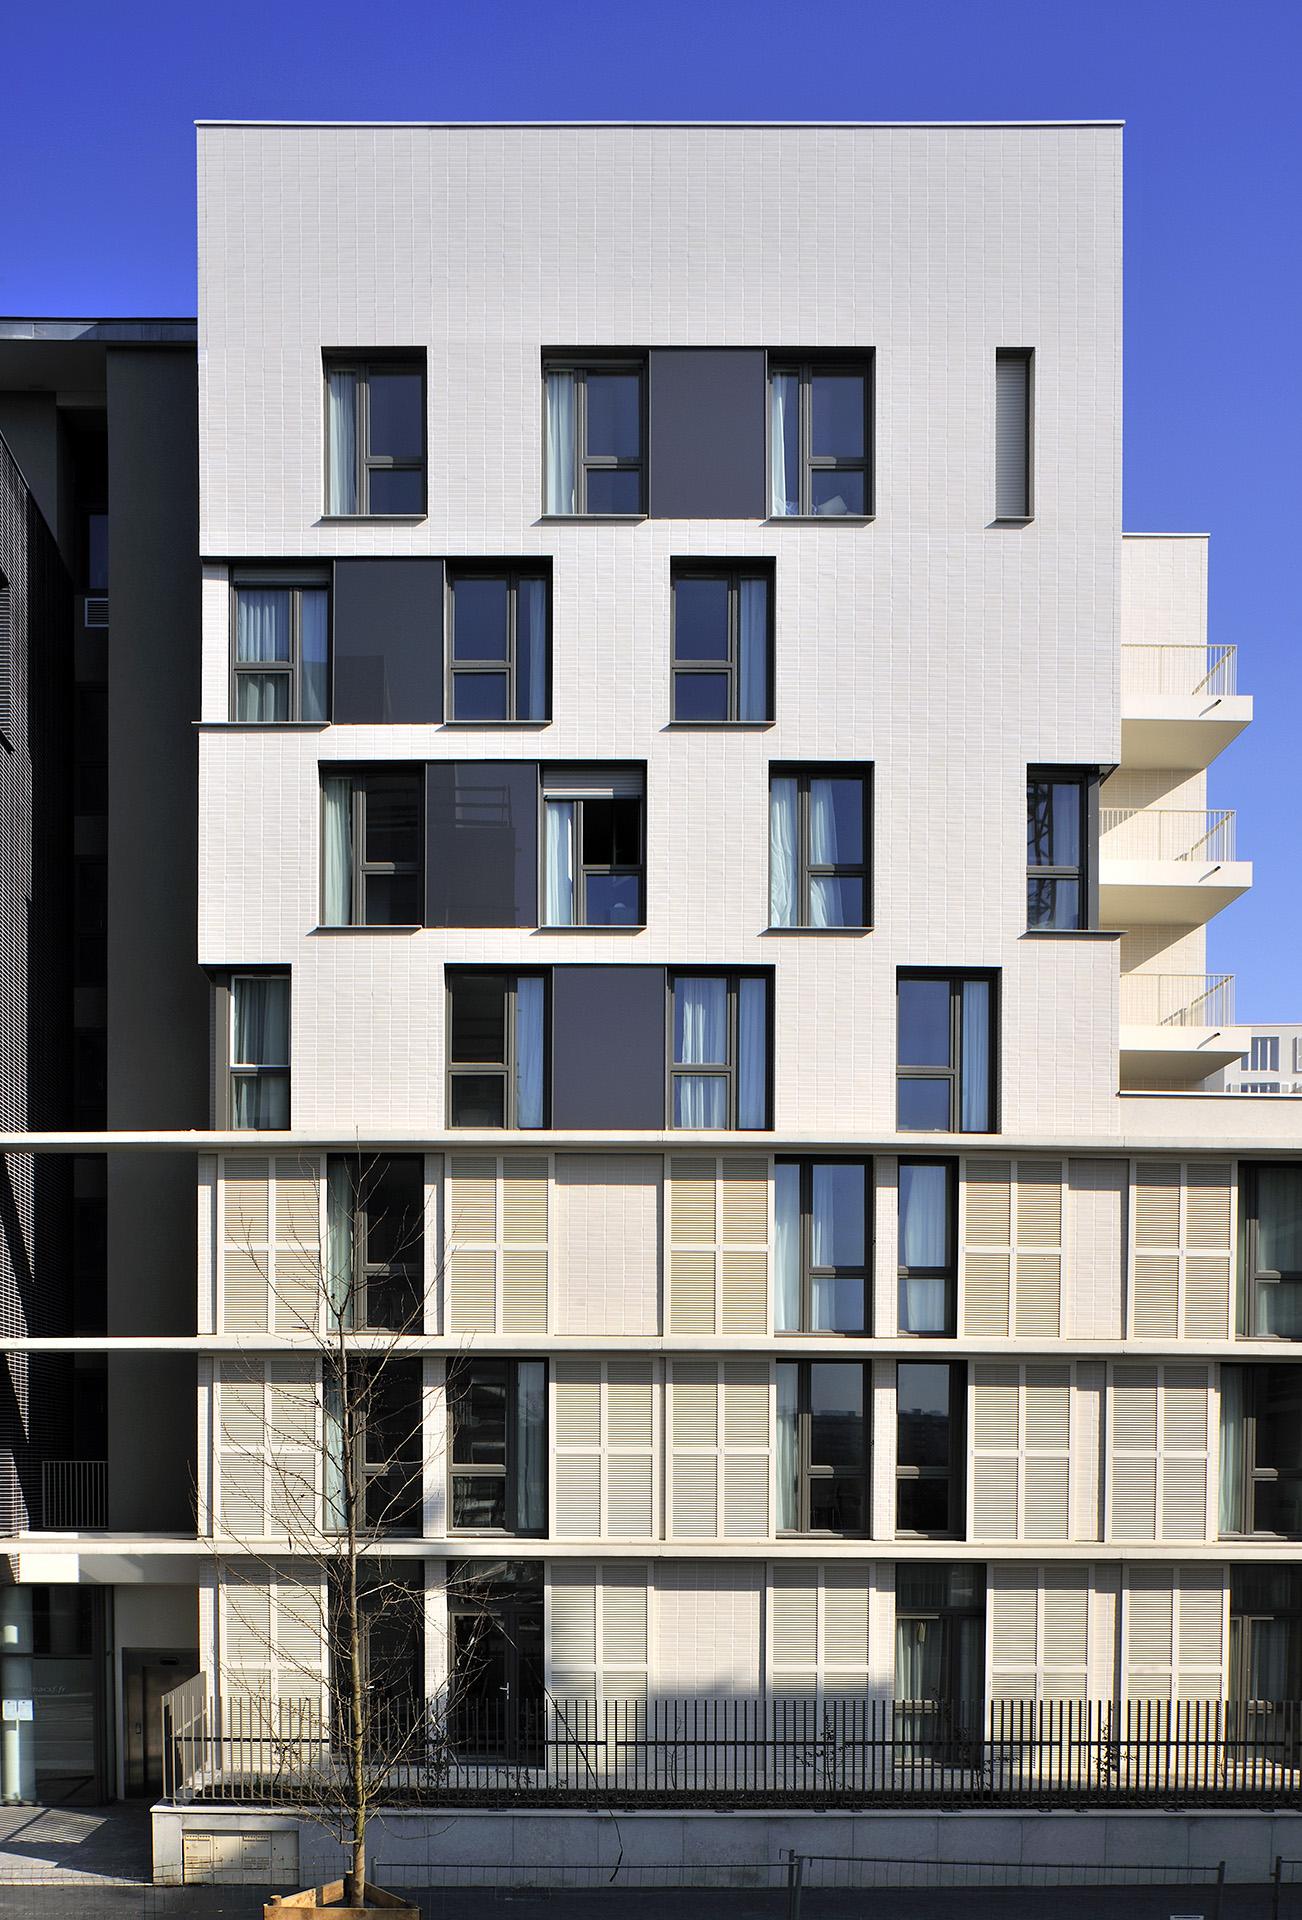 Berthelot - Ilot 1 (Atelier Régis Gachon Architecte)